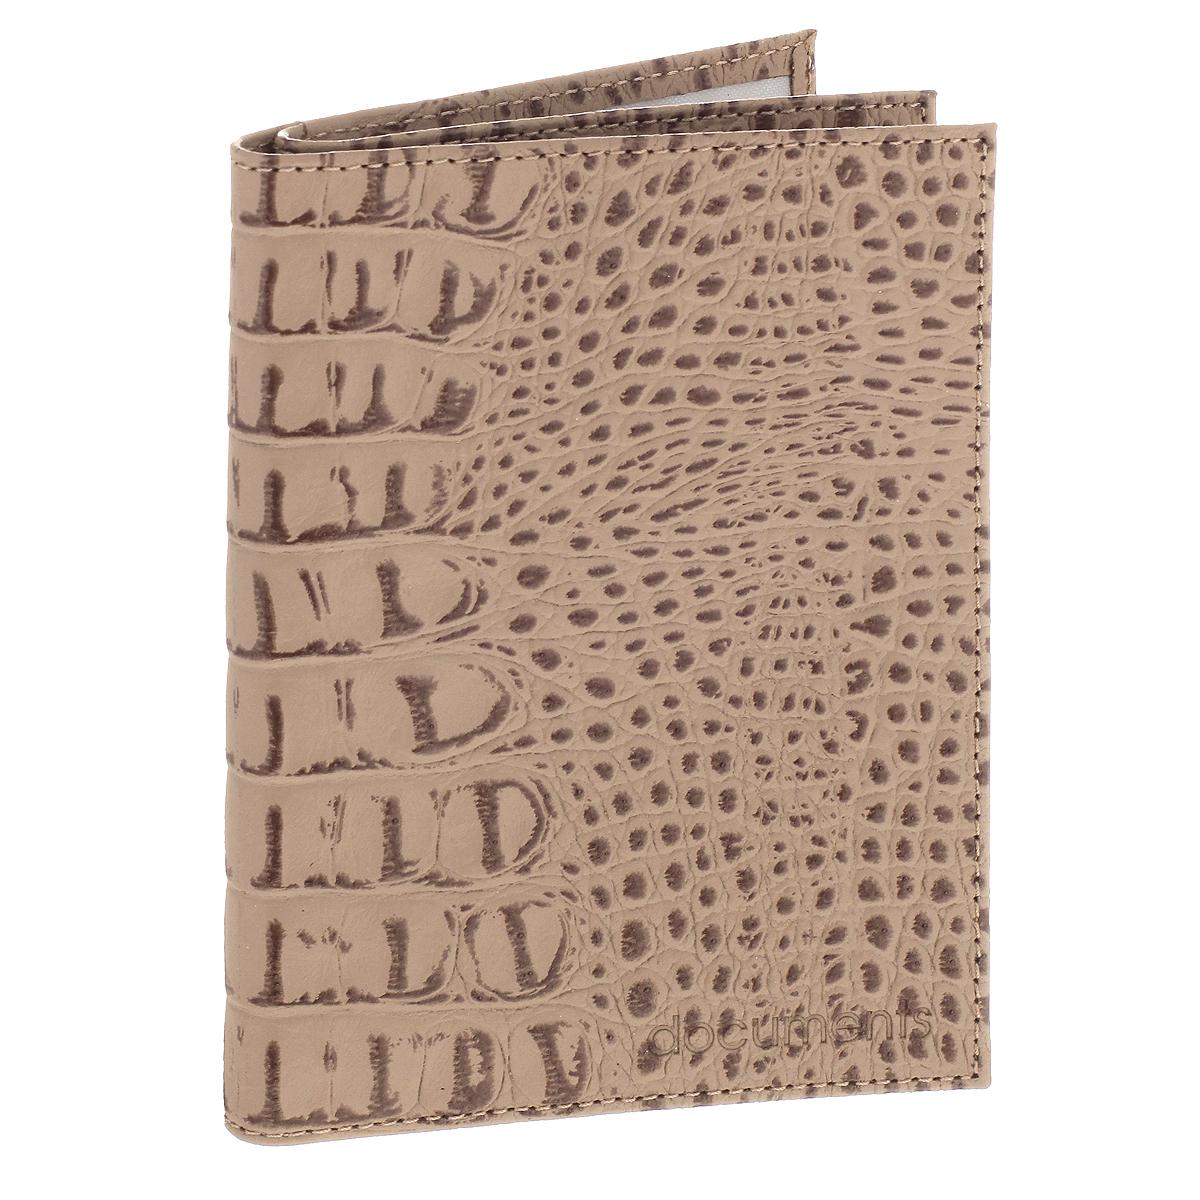 Бумажник водителя Befler, цвет: бежевый. BV.22.-13Натуральная кожаУльтрамодный бумажник водителя Befler изготовлен из натуральной кожи и декорирован тиснением под рептилию. Изделие с обеих сторон дополнено тиснеными надписями. В бумажнике два отделения. Первое предназначено для автодокументов, содержит съемный блок из 6 прозрачных файлов и два боковых кармана (один - с окошком из пластика). Второе - для паспорта, содержит два боковых прозрачных кармана, которые обеспечат надежную фиксацию вашего документа. Изделие упаковано в фирменную коробку.Такой бумажник не только защитит ваши документы, но и станет стильным аксессуаром, который прекрасно дополнит образ.